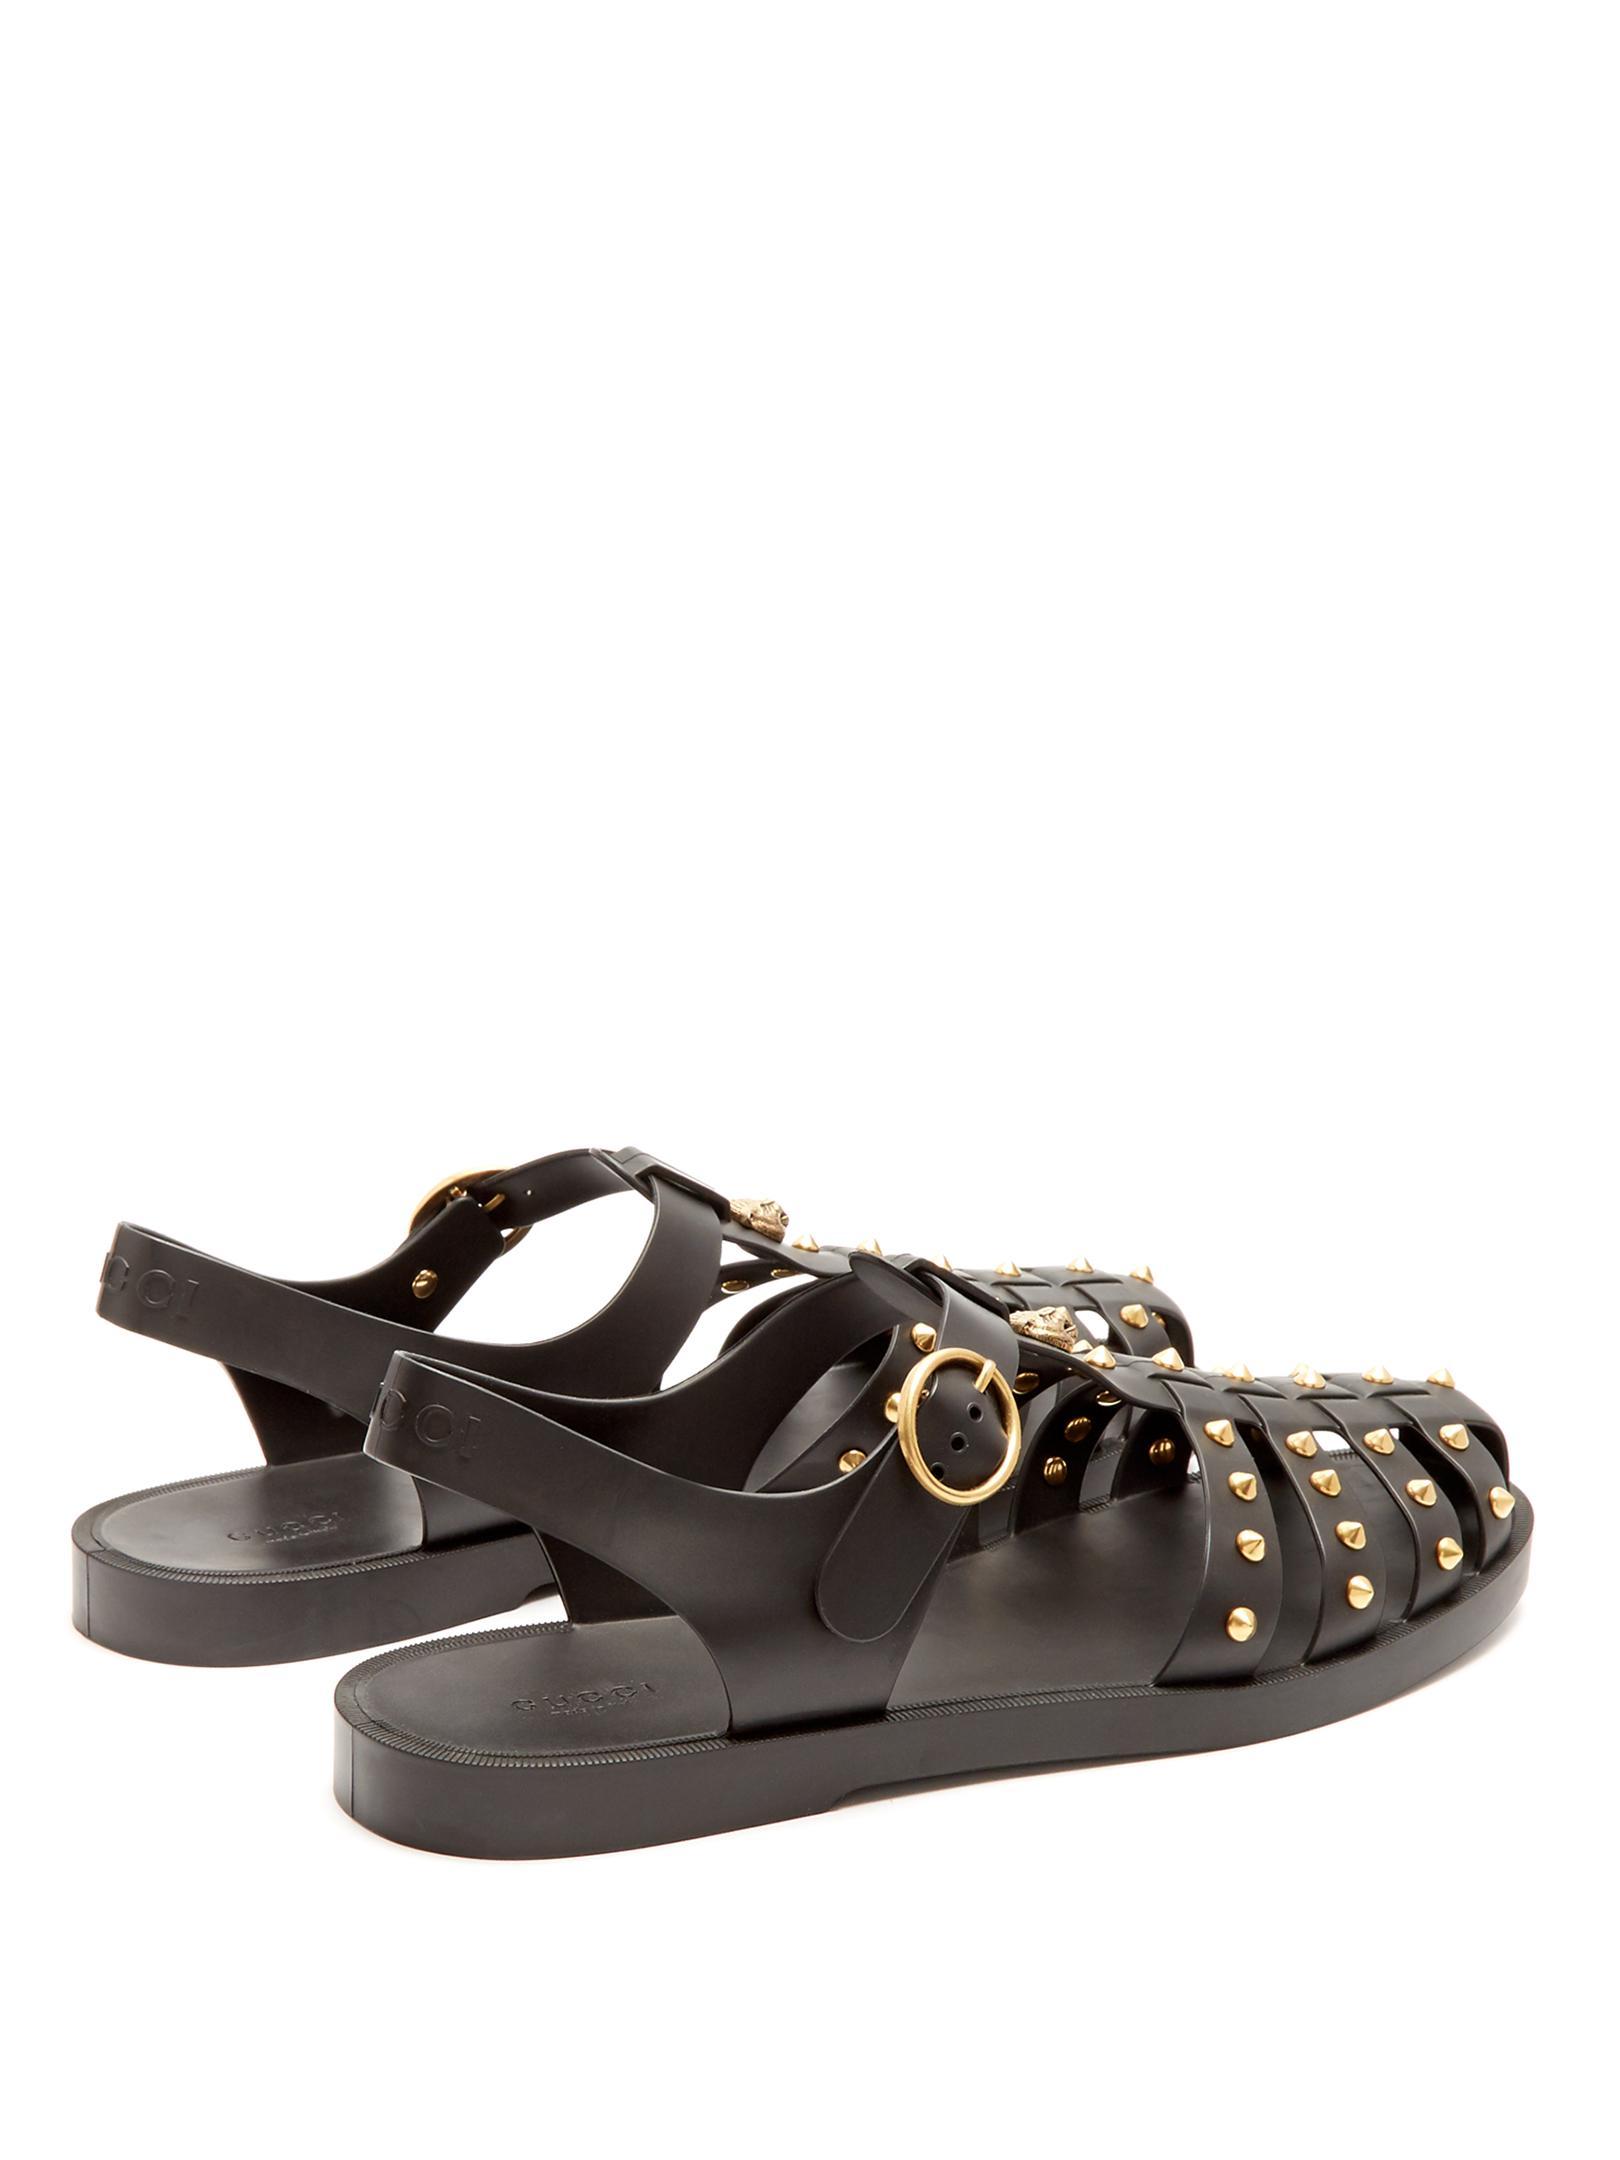 Gucci Stud Embellished Rubber Sandals In Black For Men Lyst